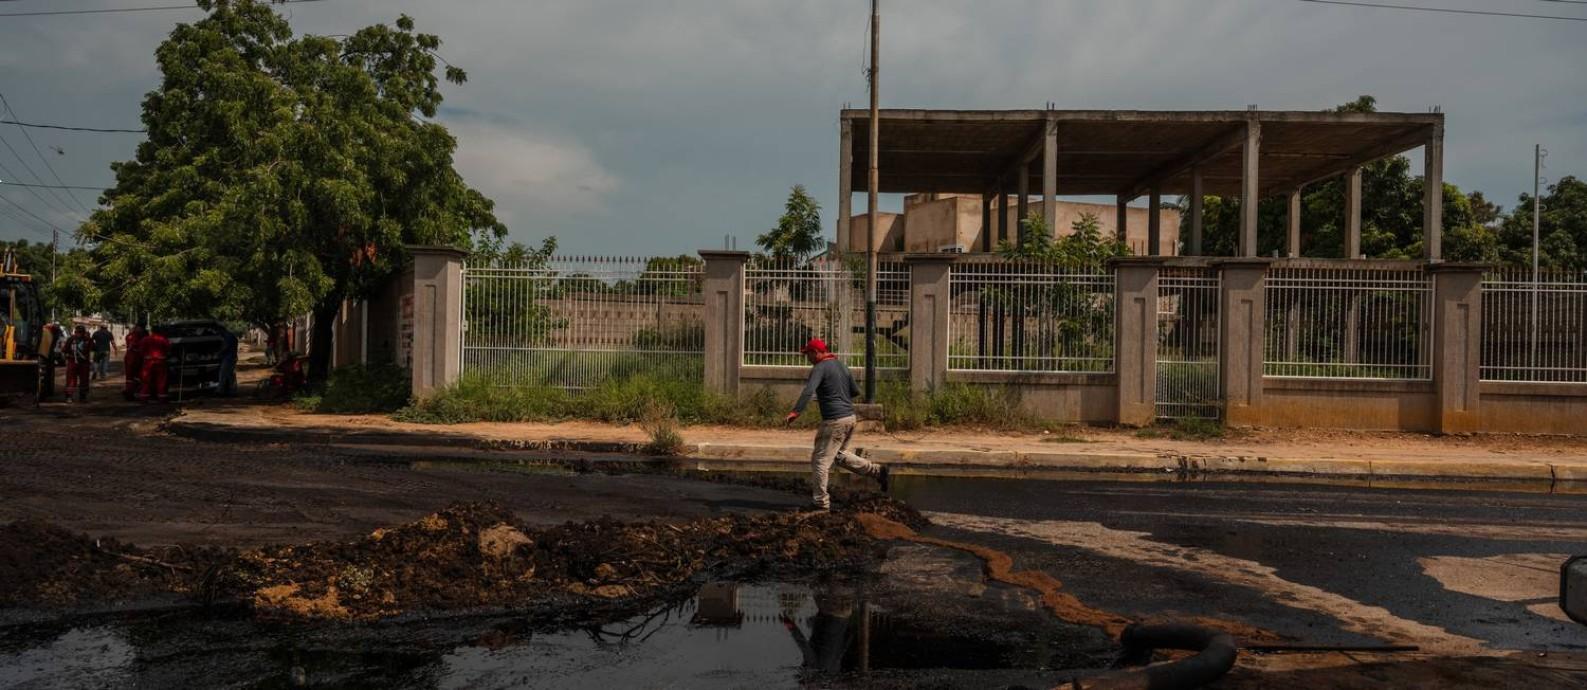 Homem anda próximo a poças de óleo na cidade Cabimas, na Venezuela Foto: ADRIANA LOUREIRO FERNANDEZ / NYT